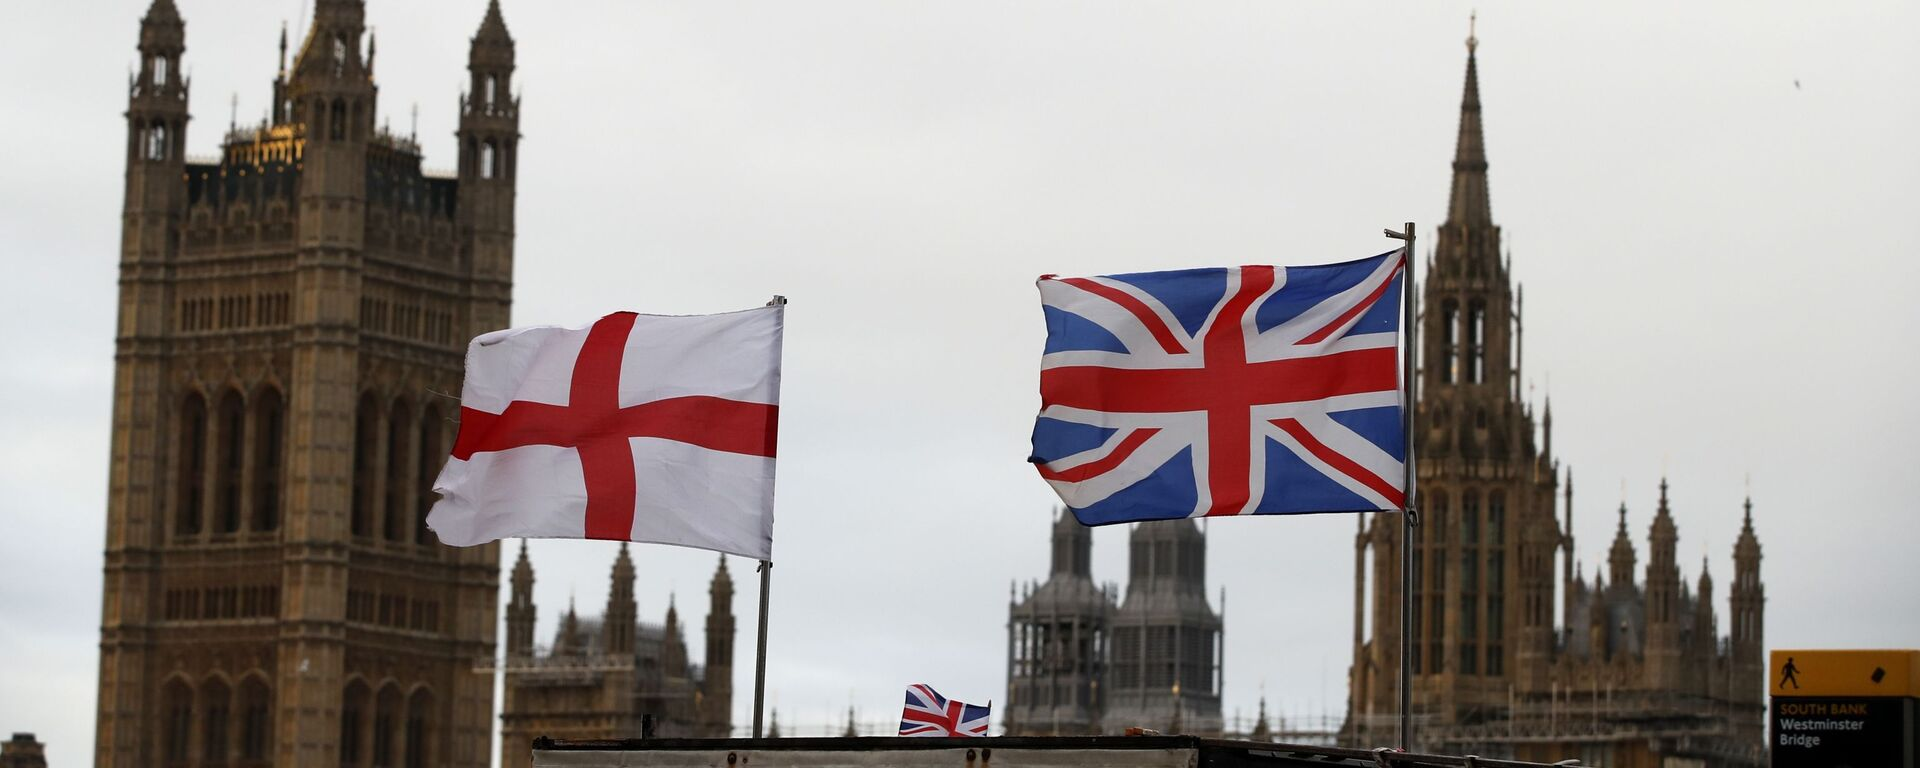 Британска и енглеска застава испред зграде британског парламента у Лондону - Sputnik Србија, 1920, 02.05.2021